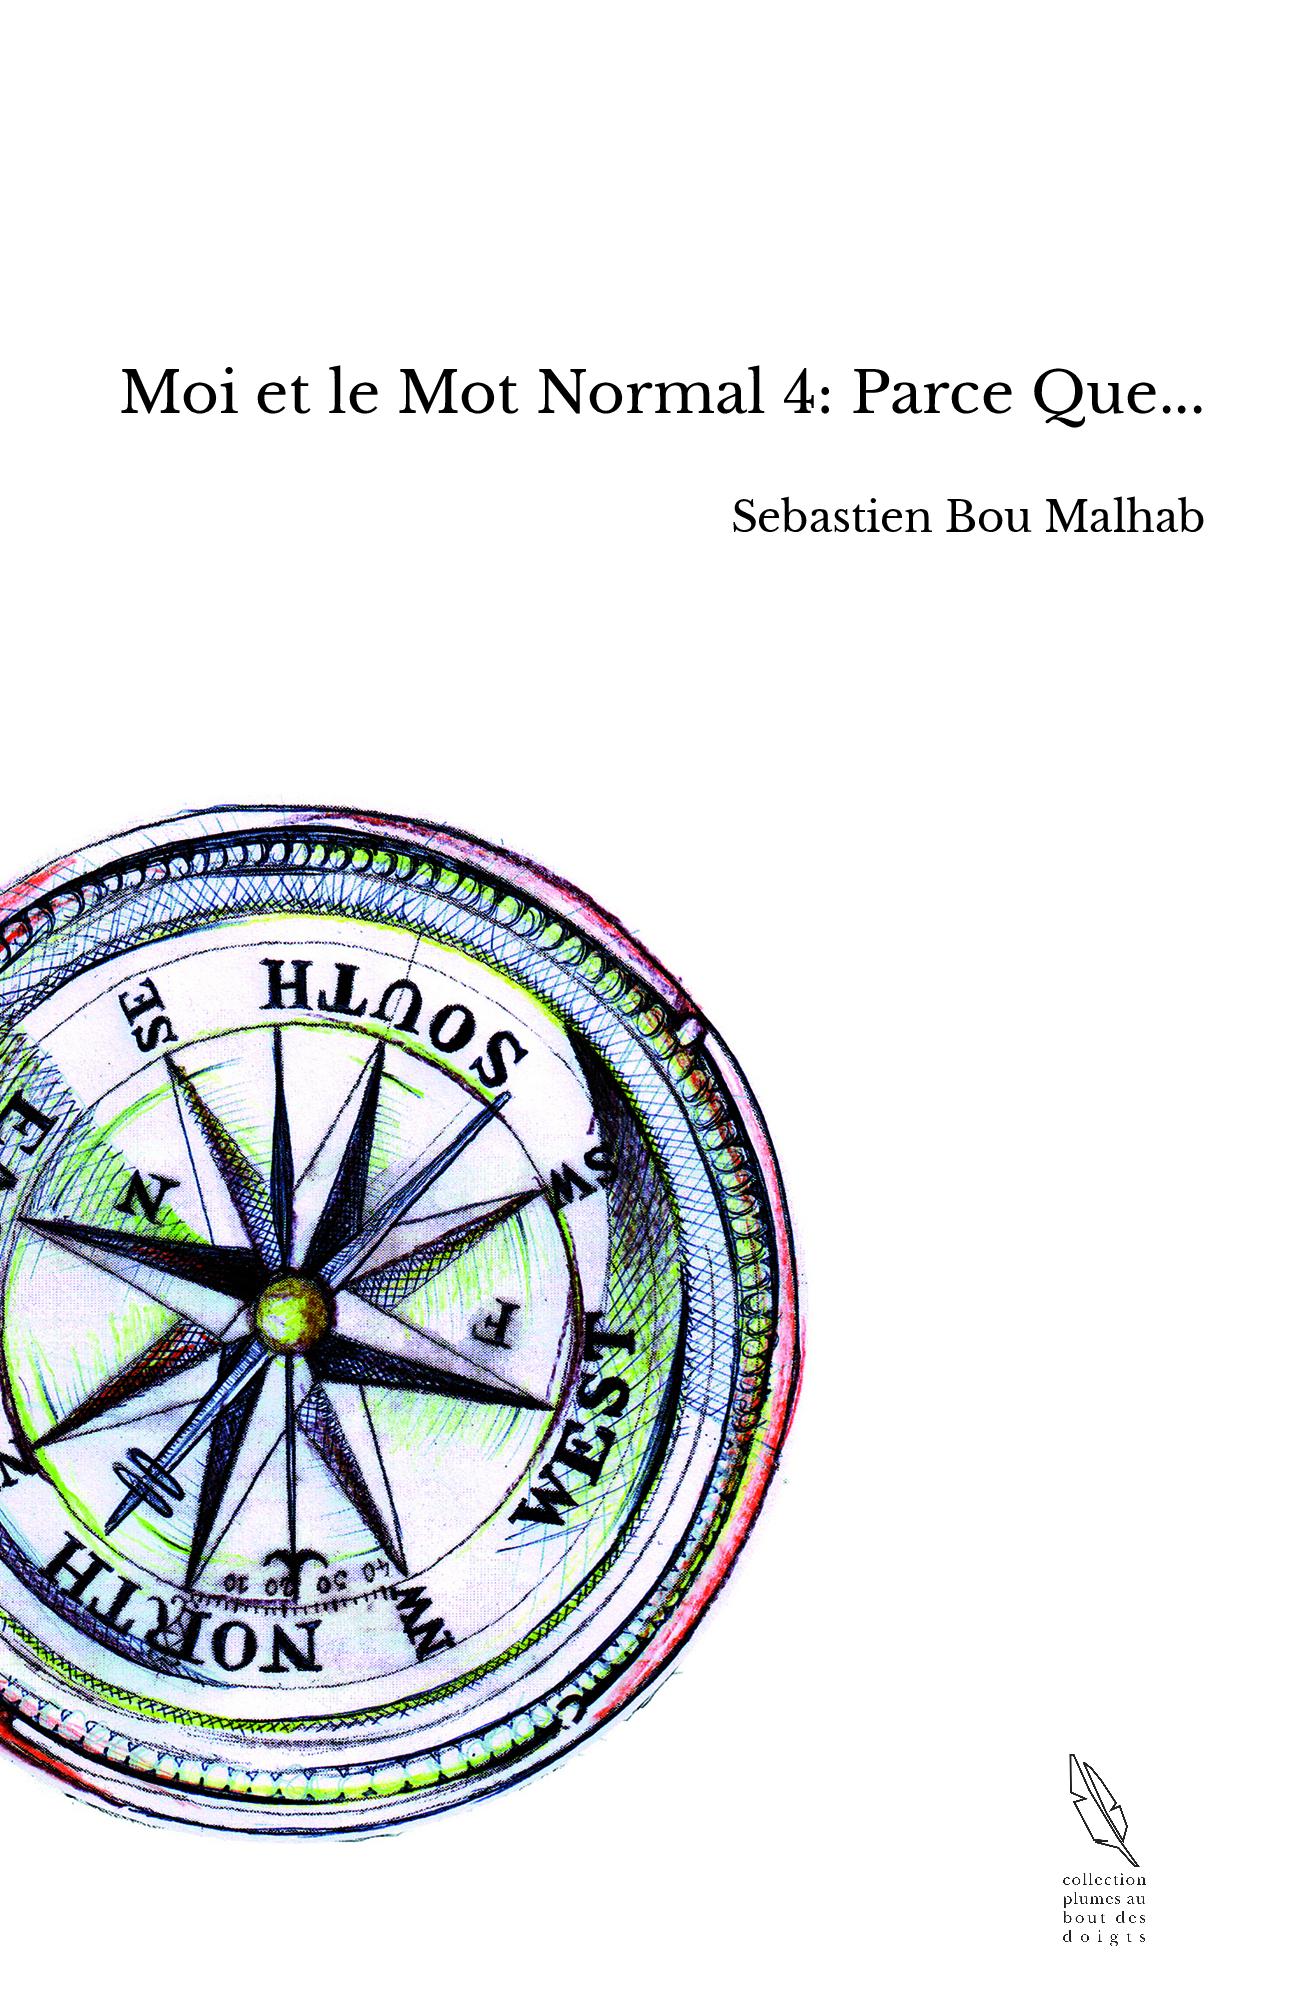 Moi et le Mot Normal 4: Parce Que...